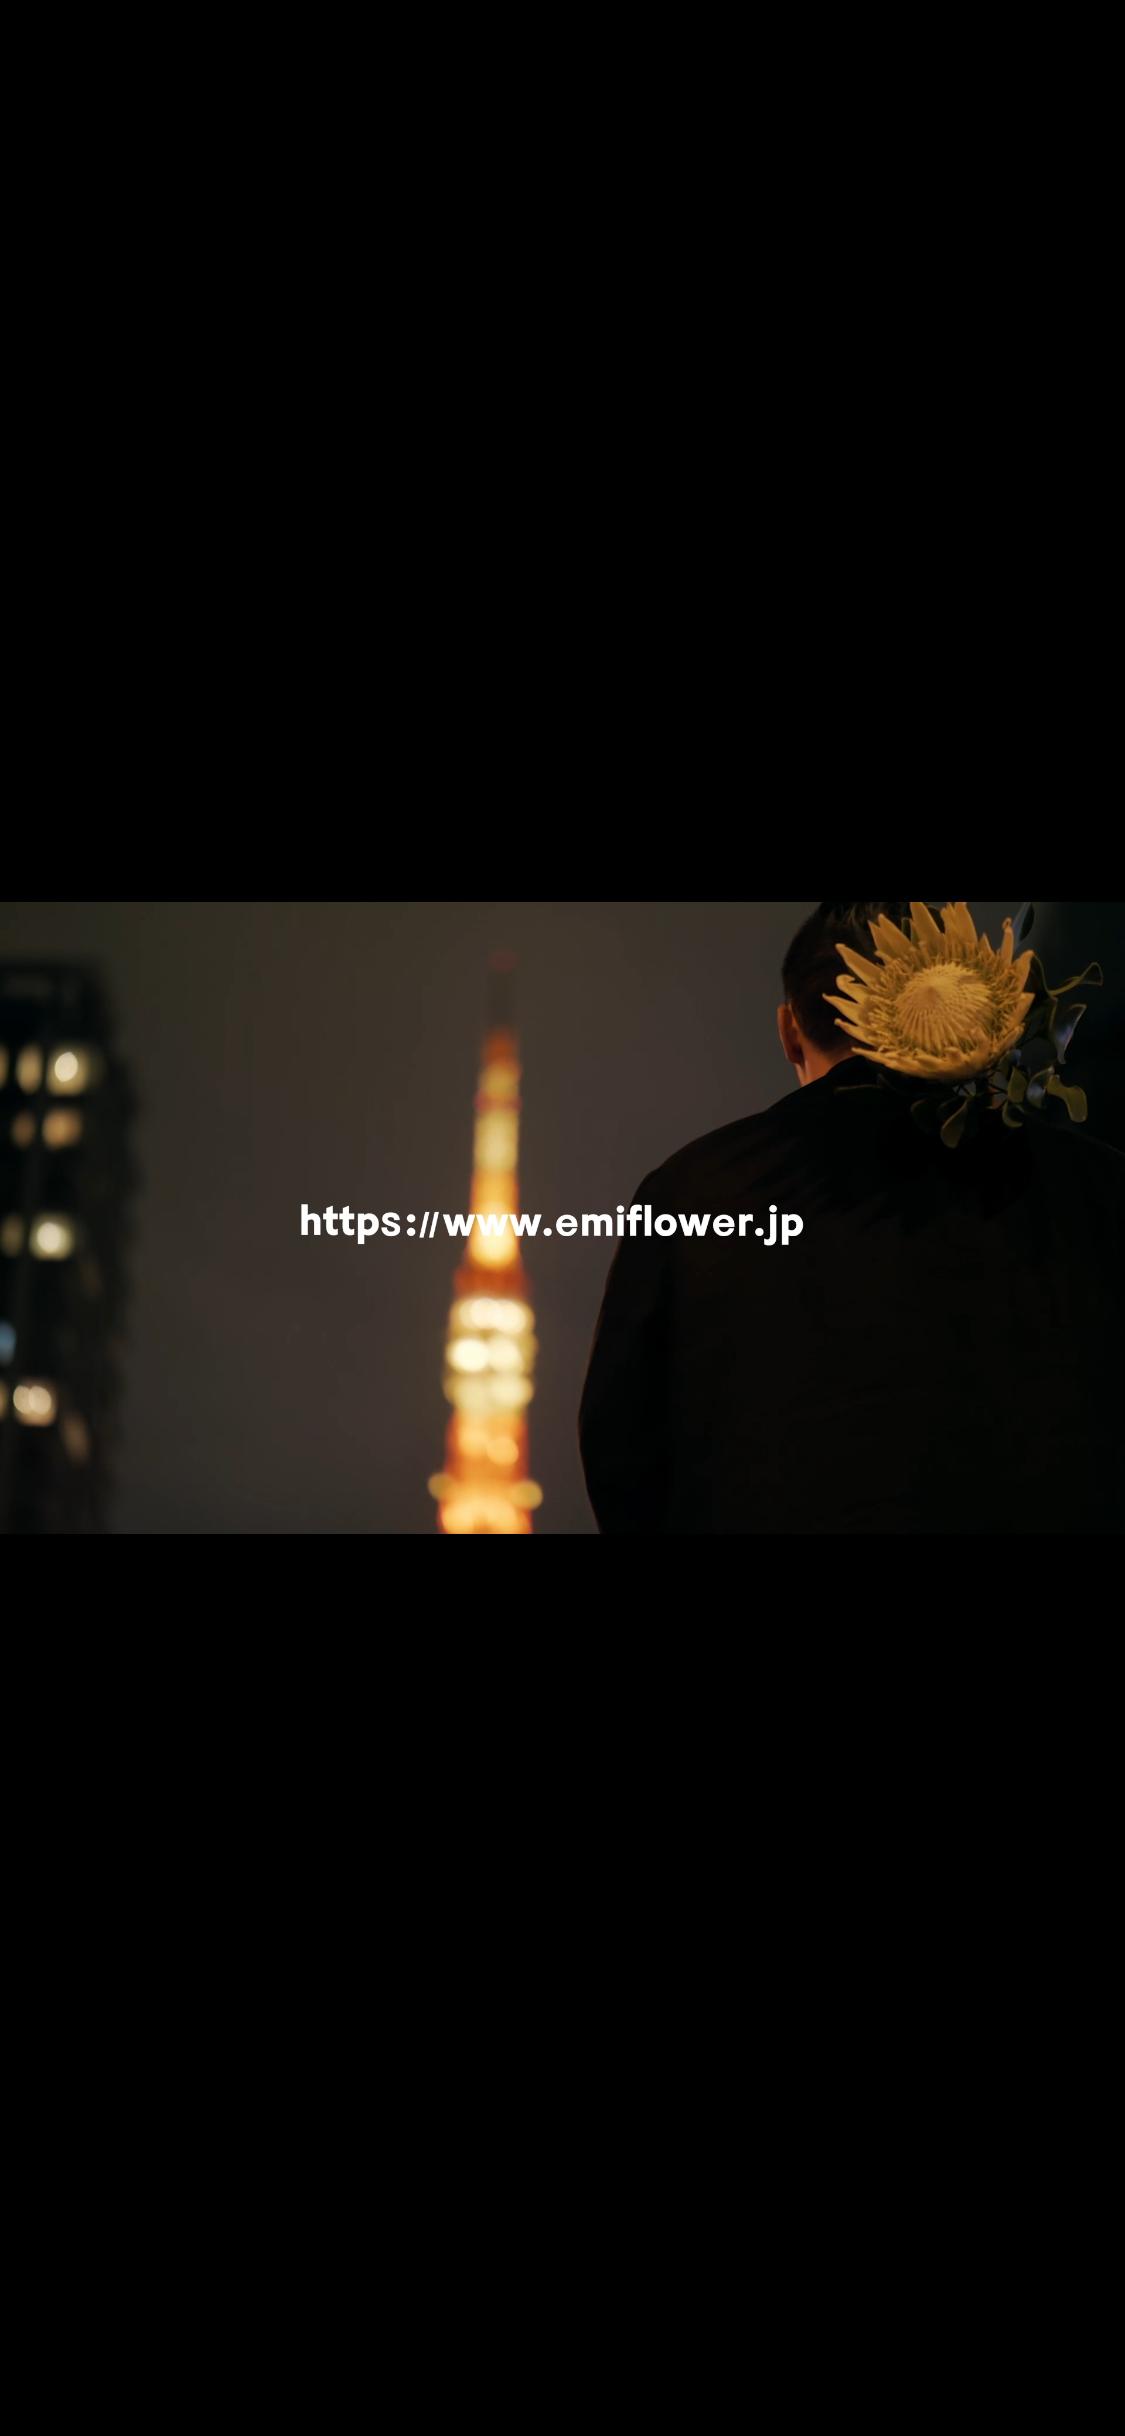 emiflowerのイメージPVを作ってみました